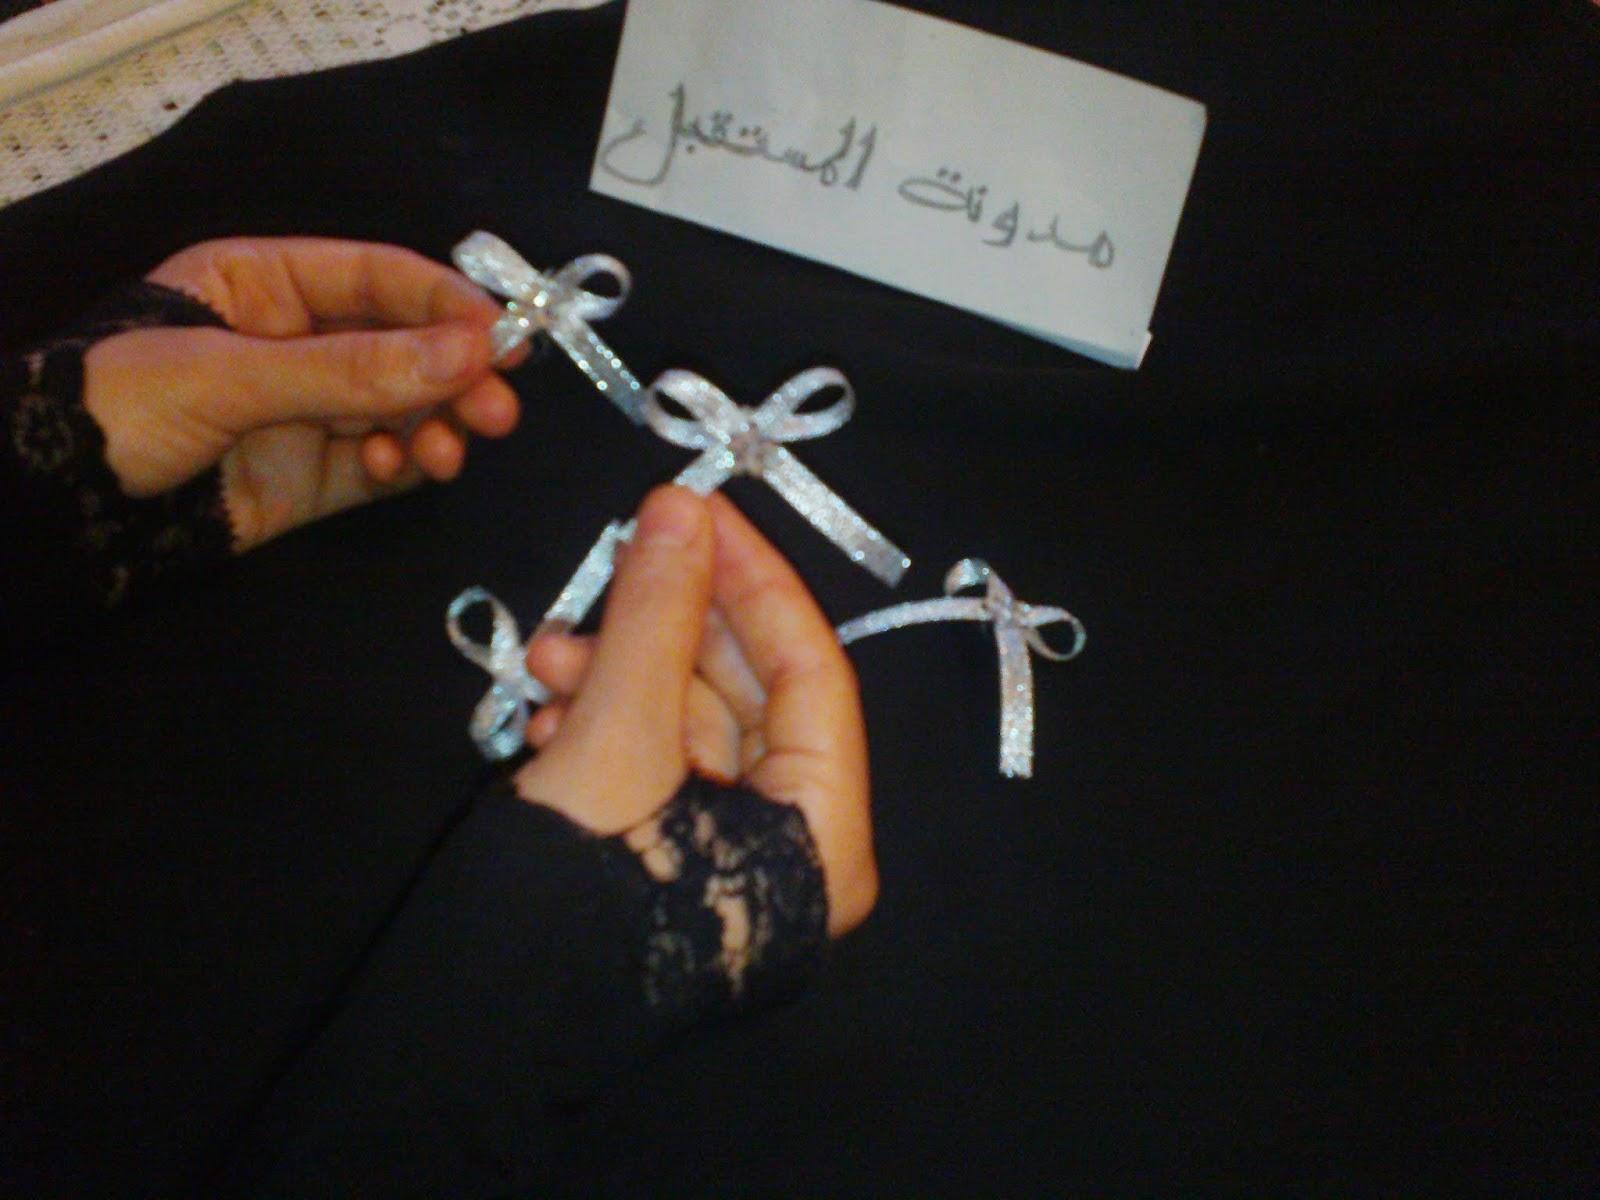 حامل المناديل بغرزة النول حصري لمدونة المستقبل